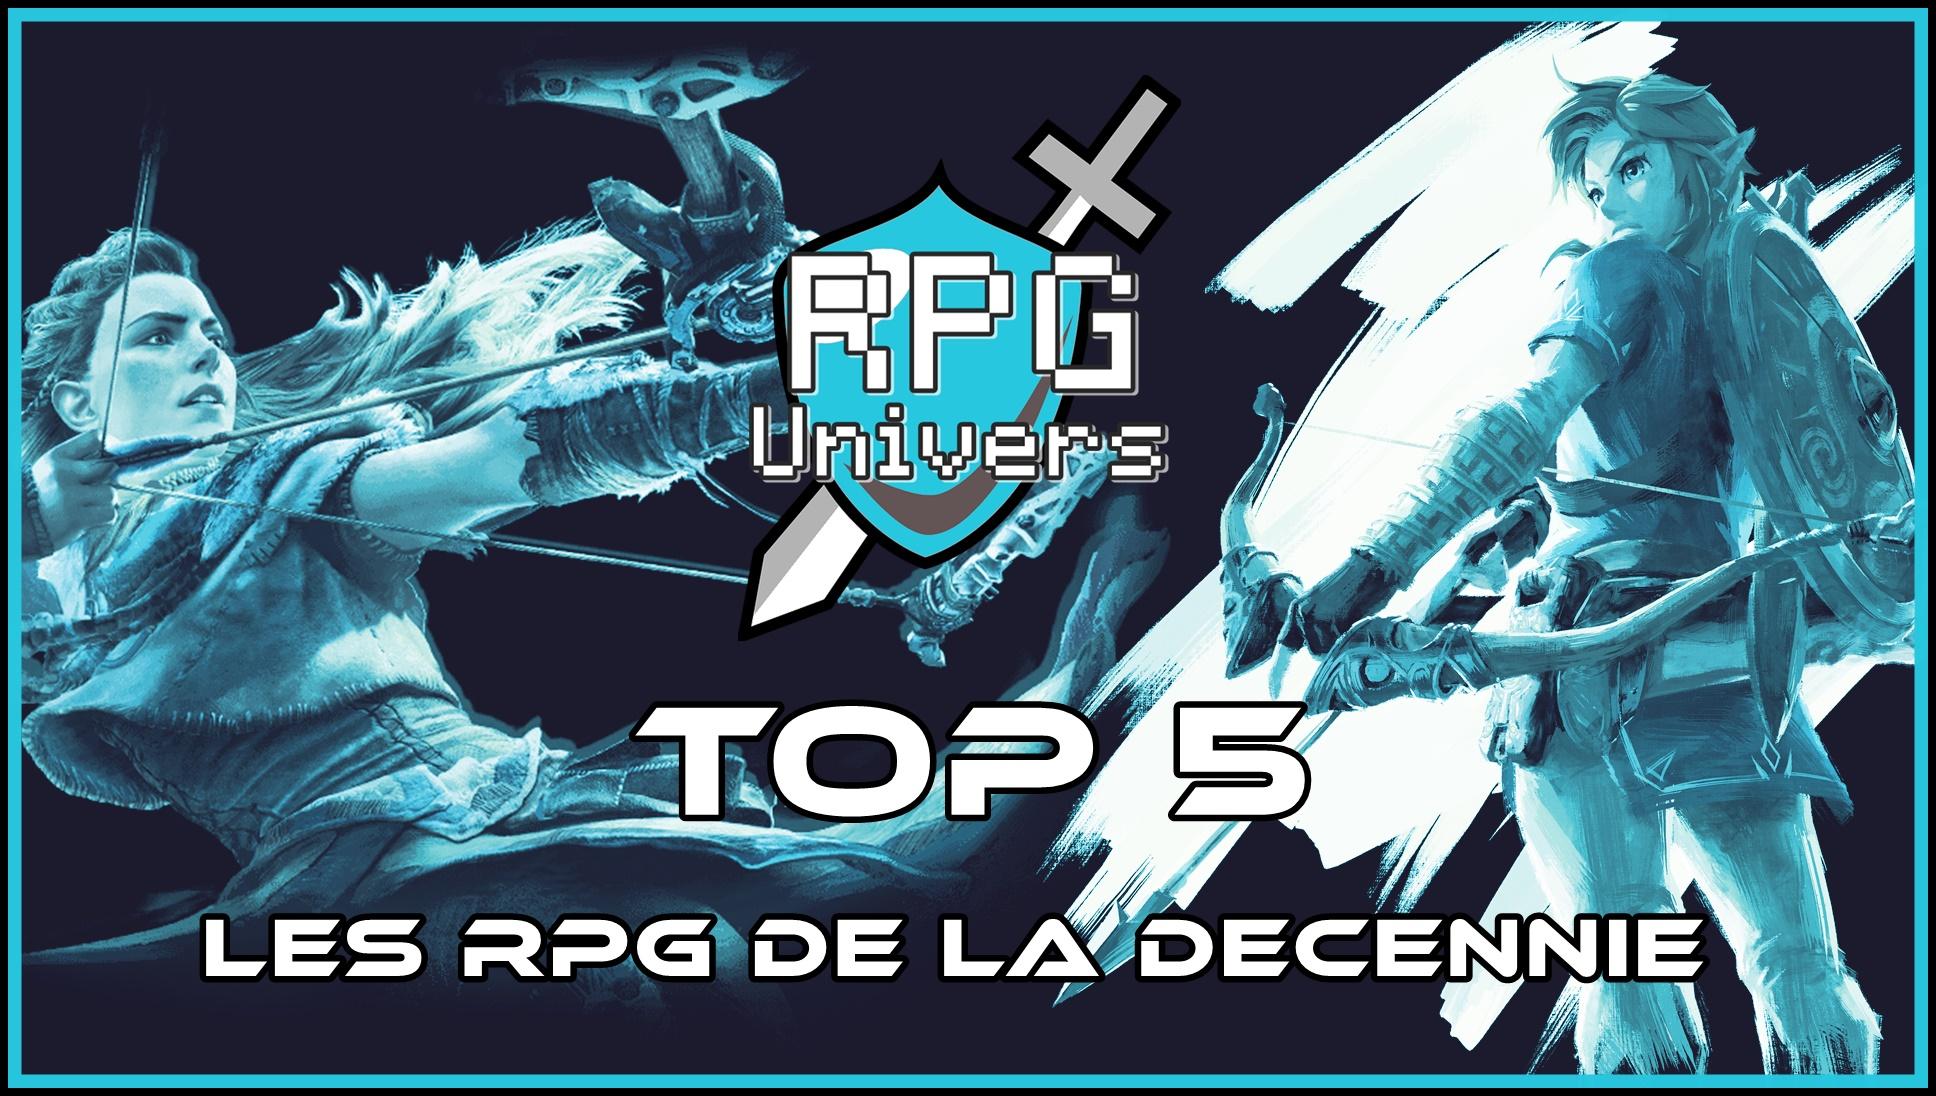 TOP 5: Les RPG de la décennie